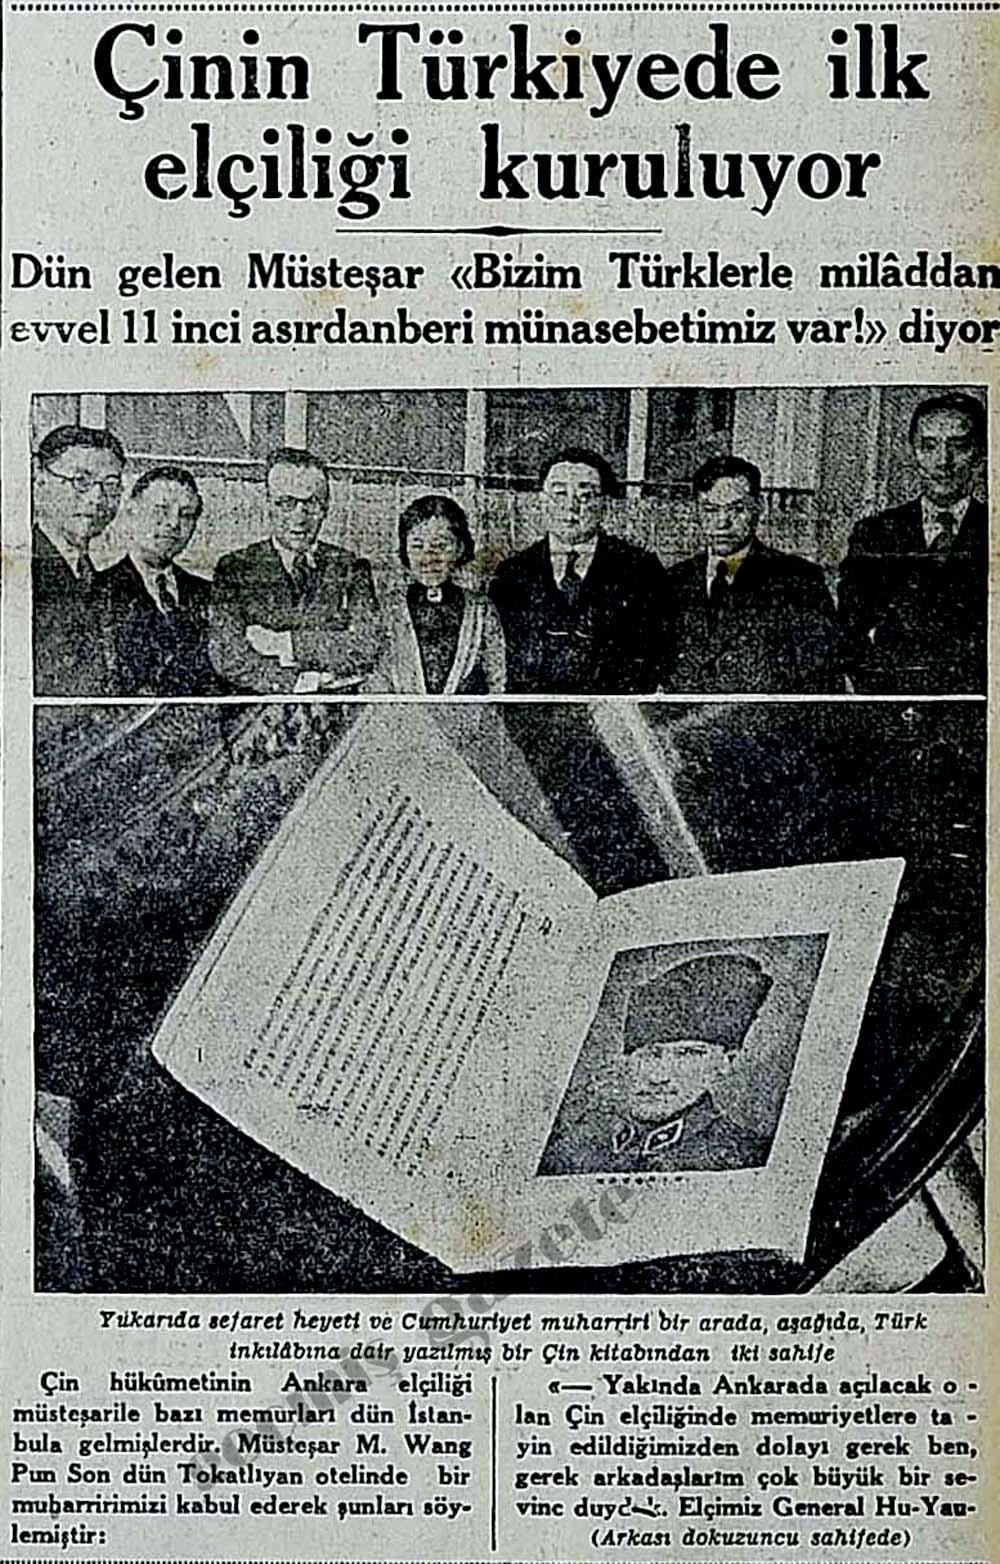 Çinin Türkiyede ilk elçiliği kuruluyor